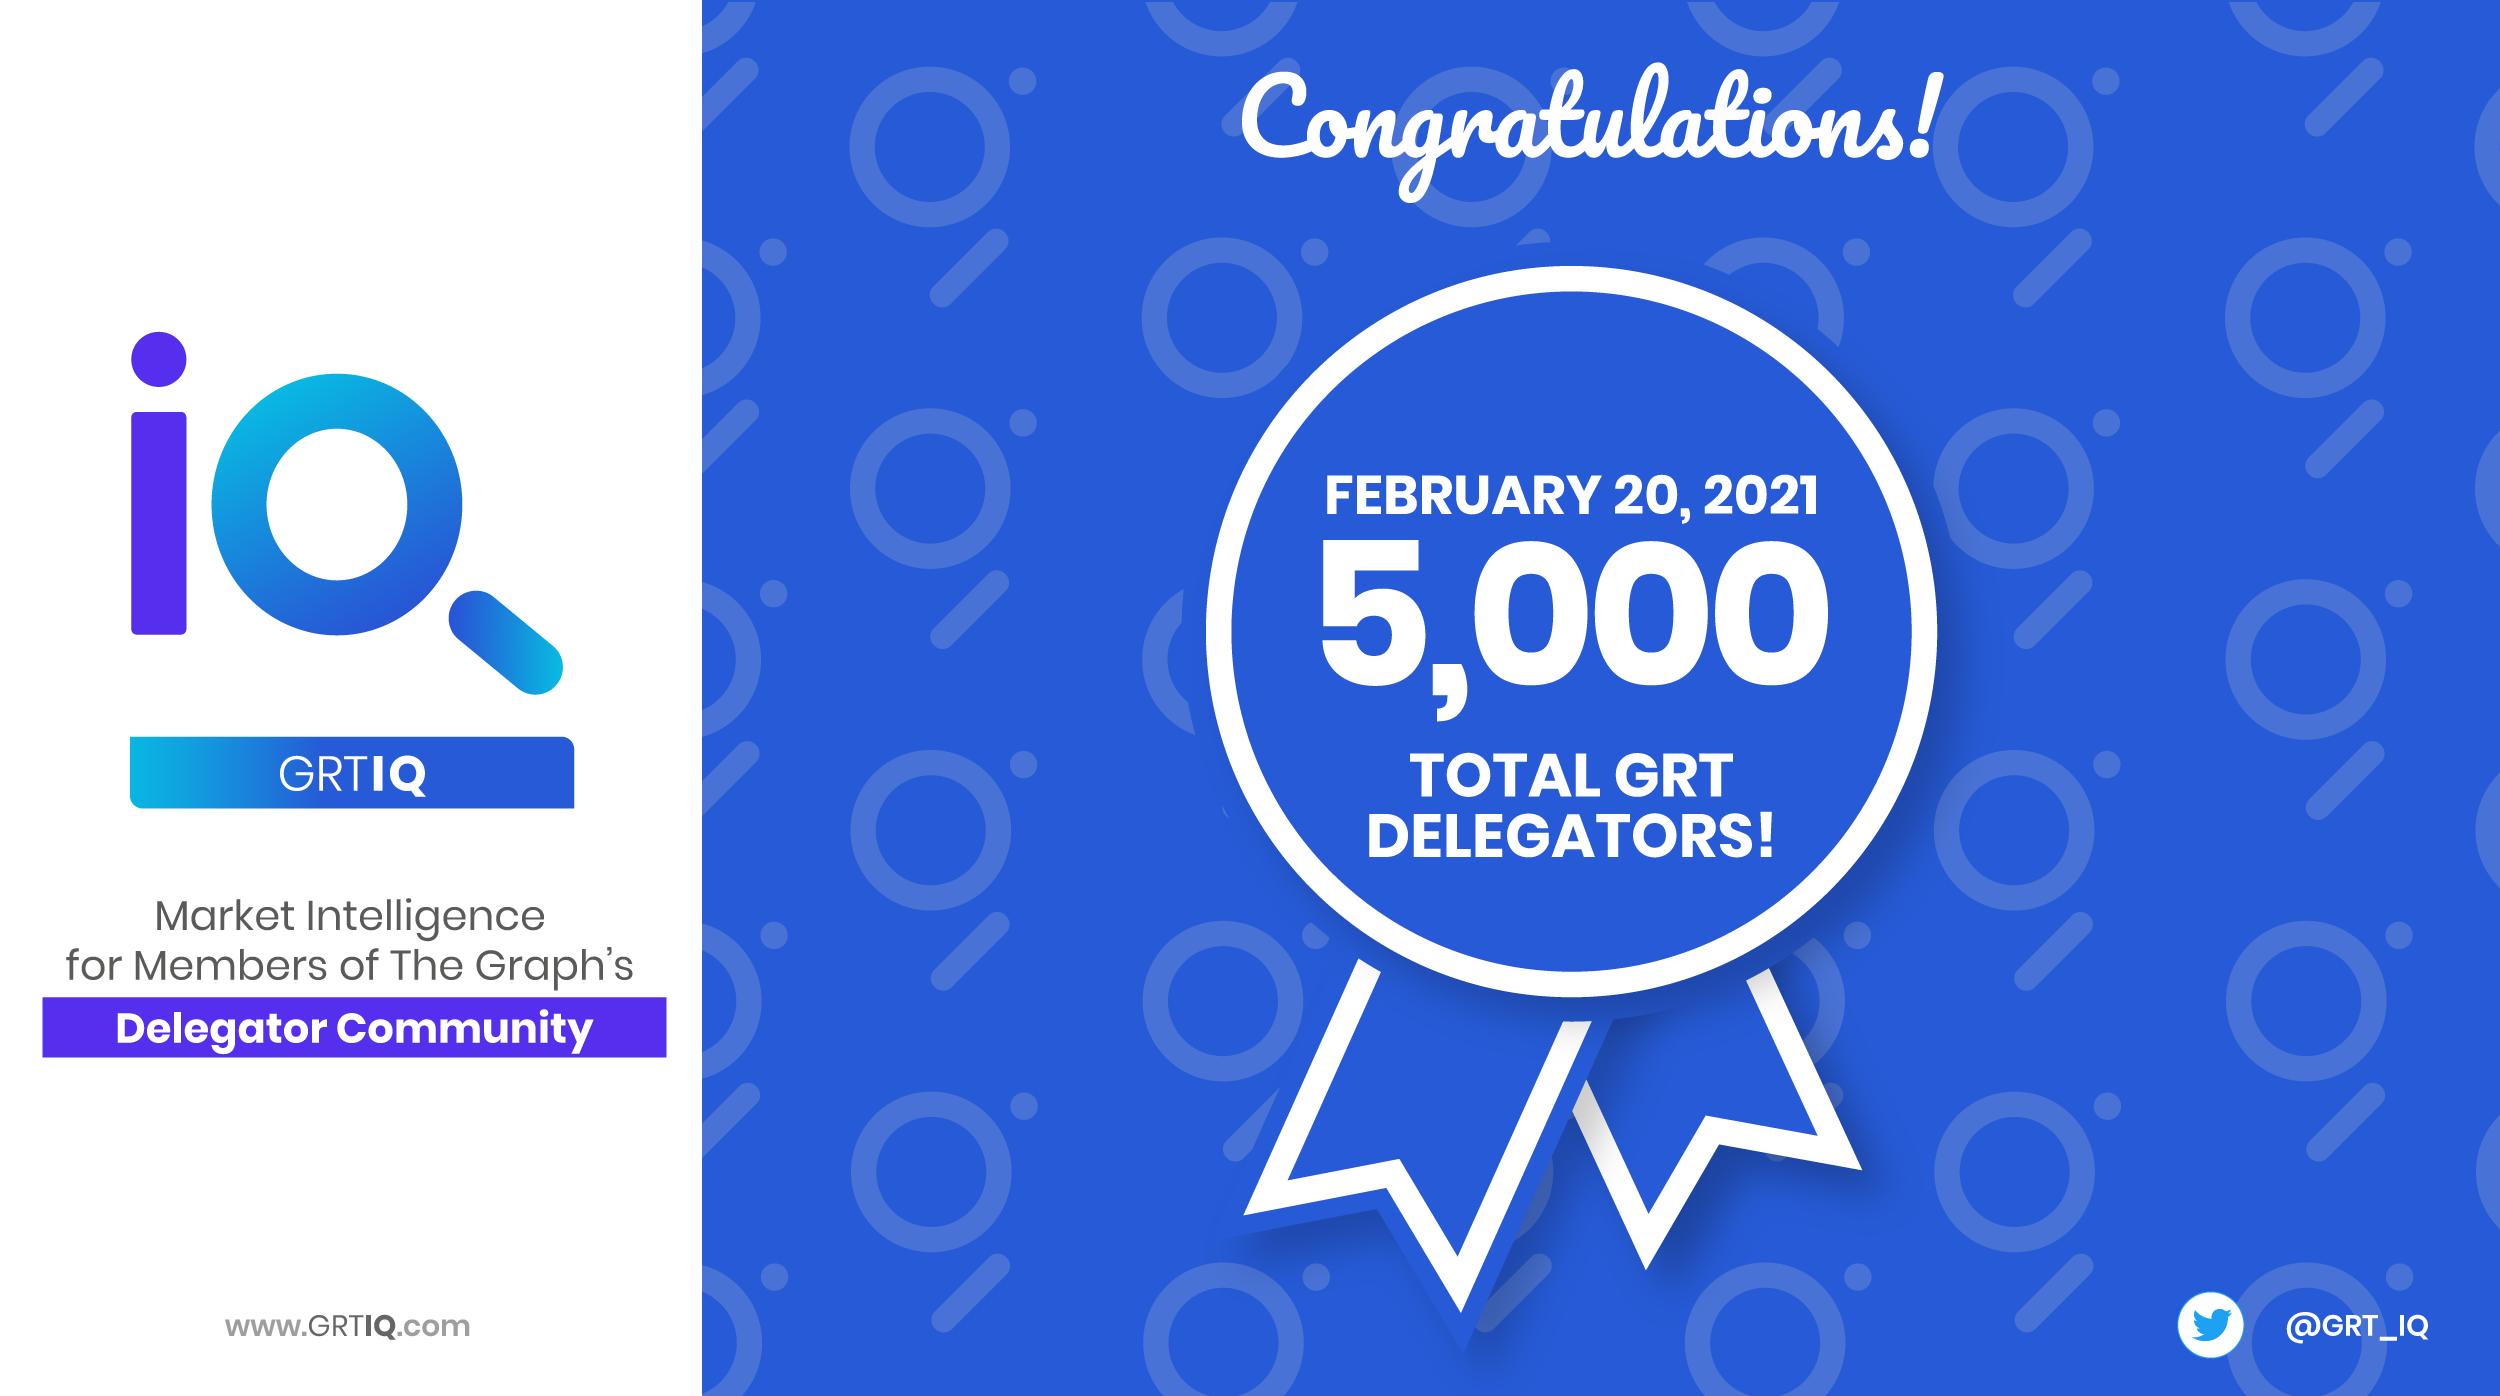 Total number of GRT Delegators